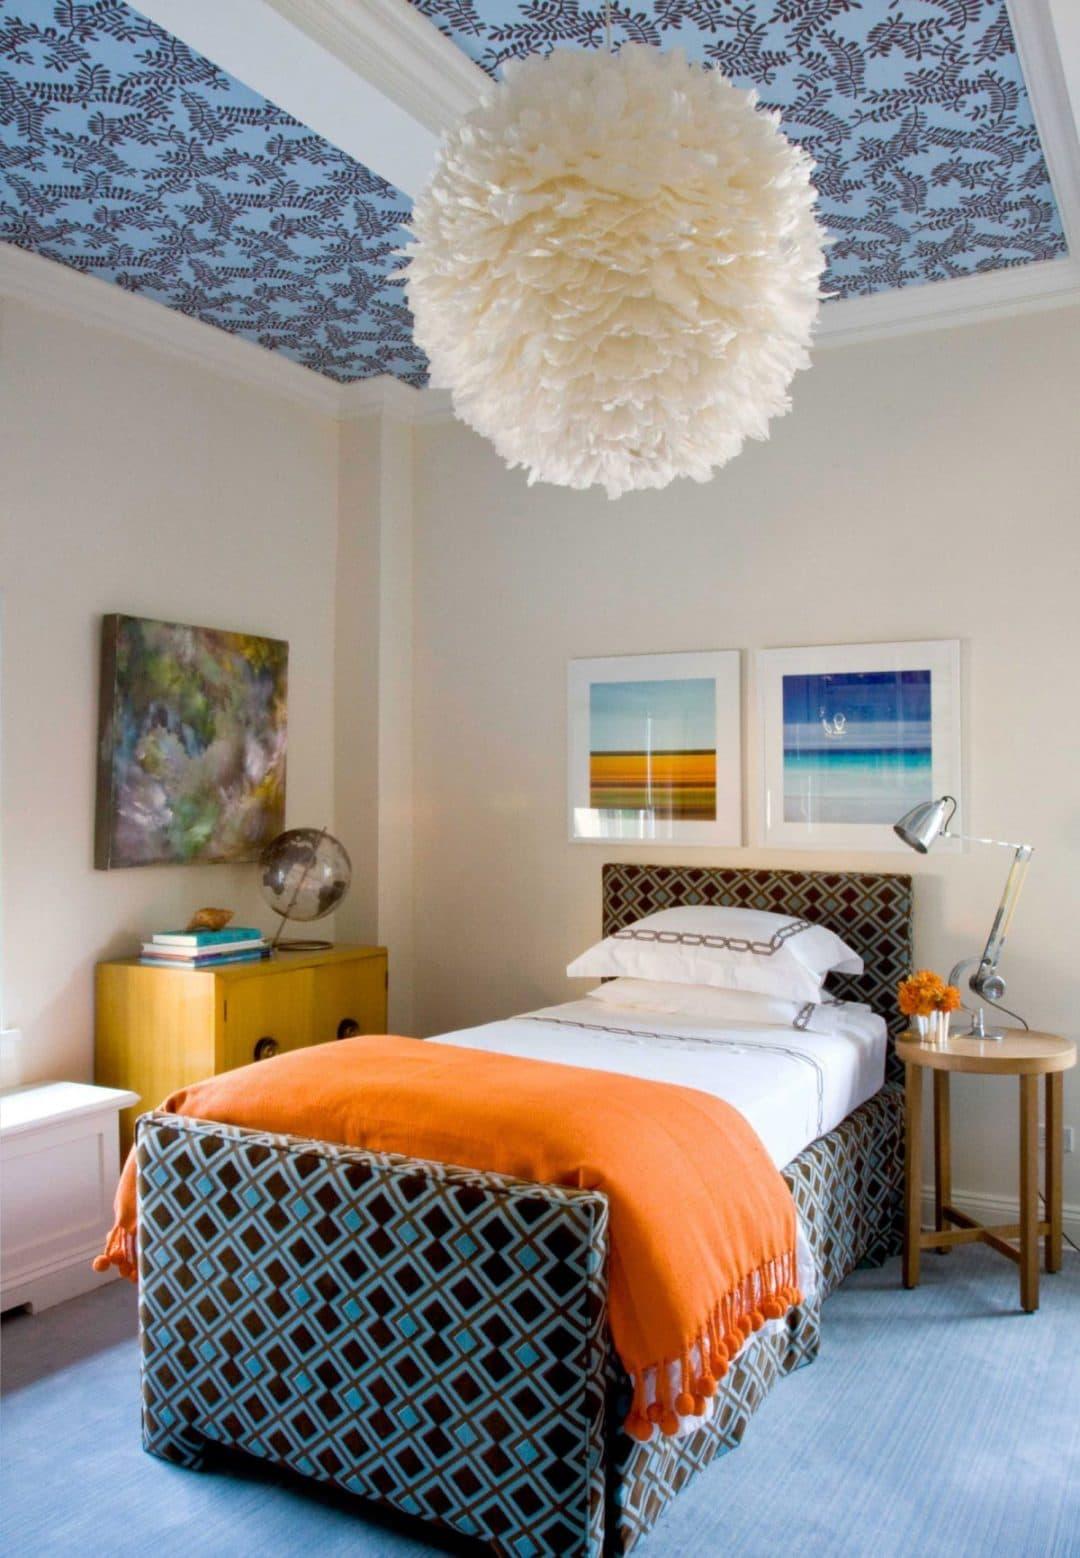 идеи покраски потолка в комнате фото началось